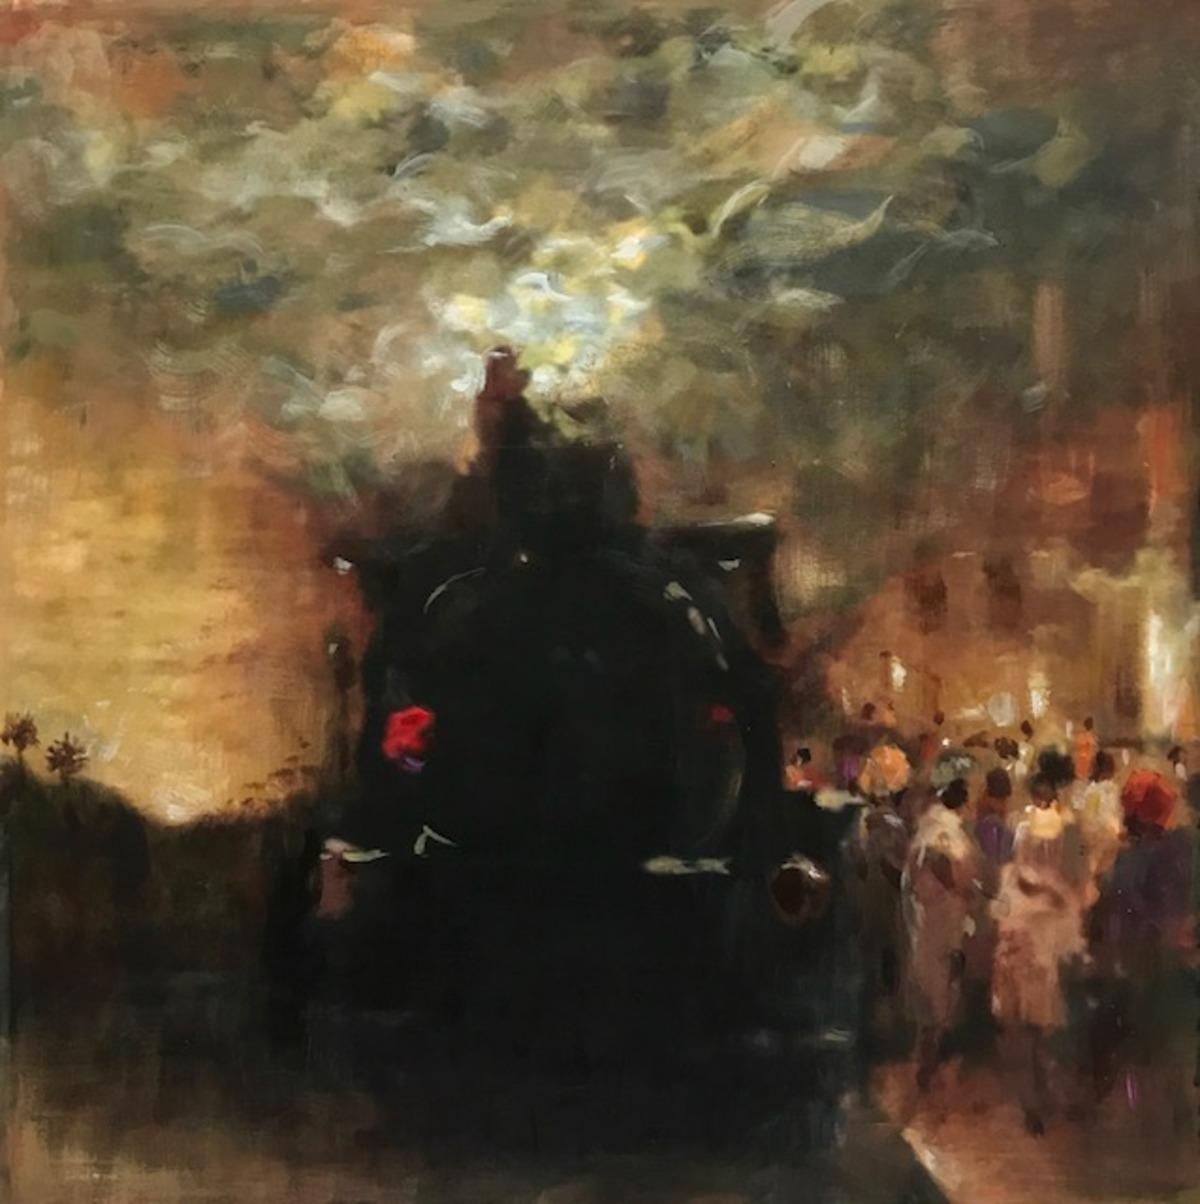 Night train,Deoghar Rajasthan